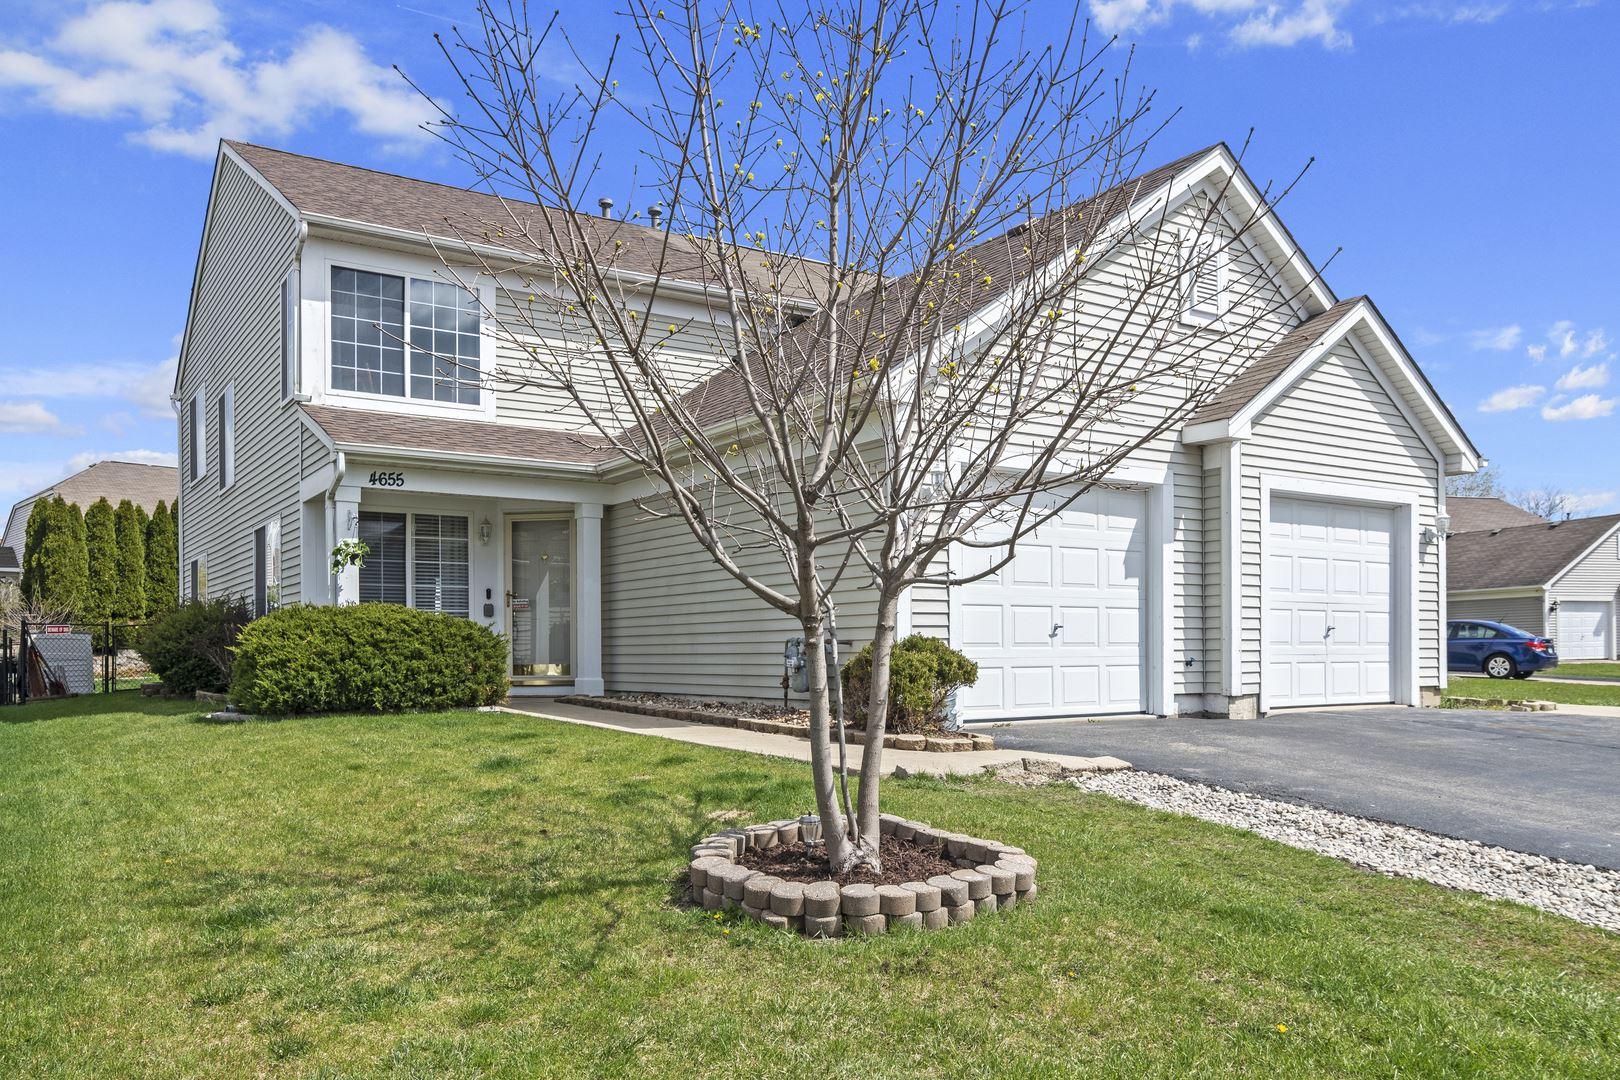 4655 Magnolia Lane, Lake in the Hills, IL 60156 - #: 11054625